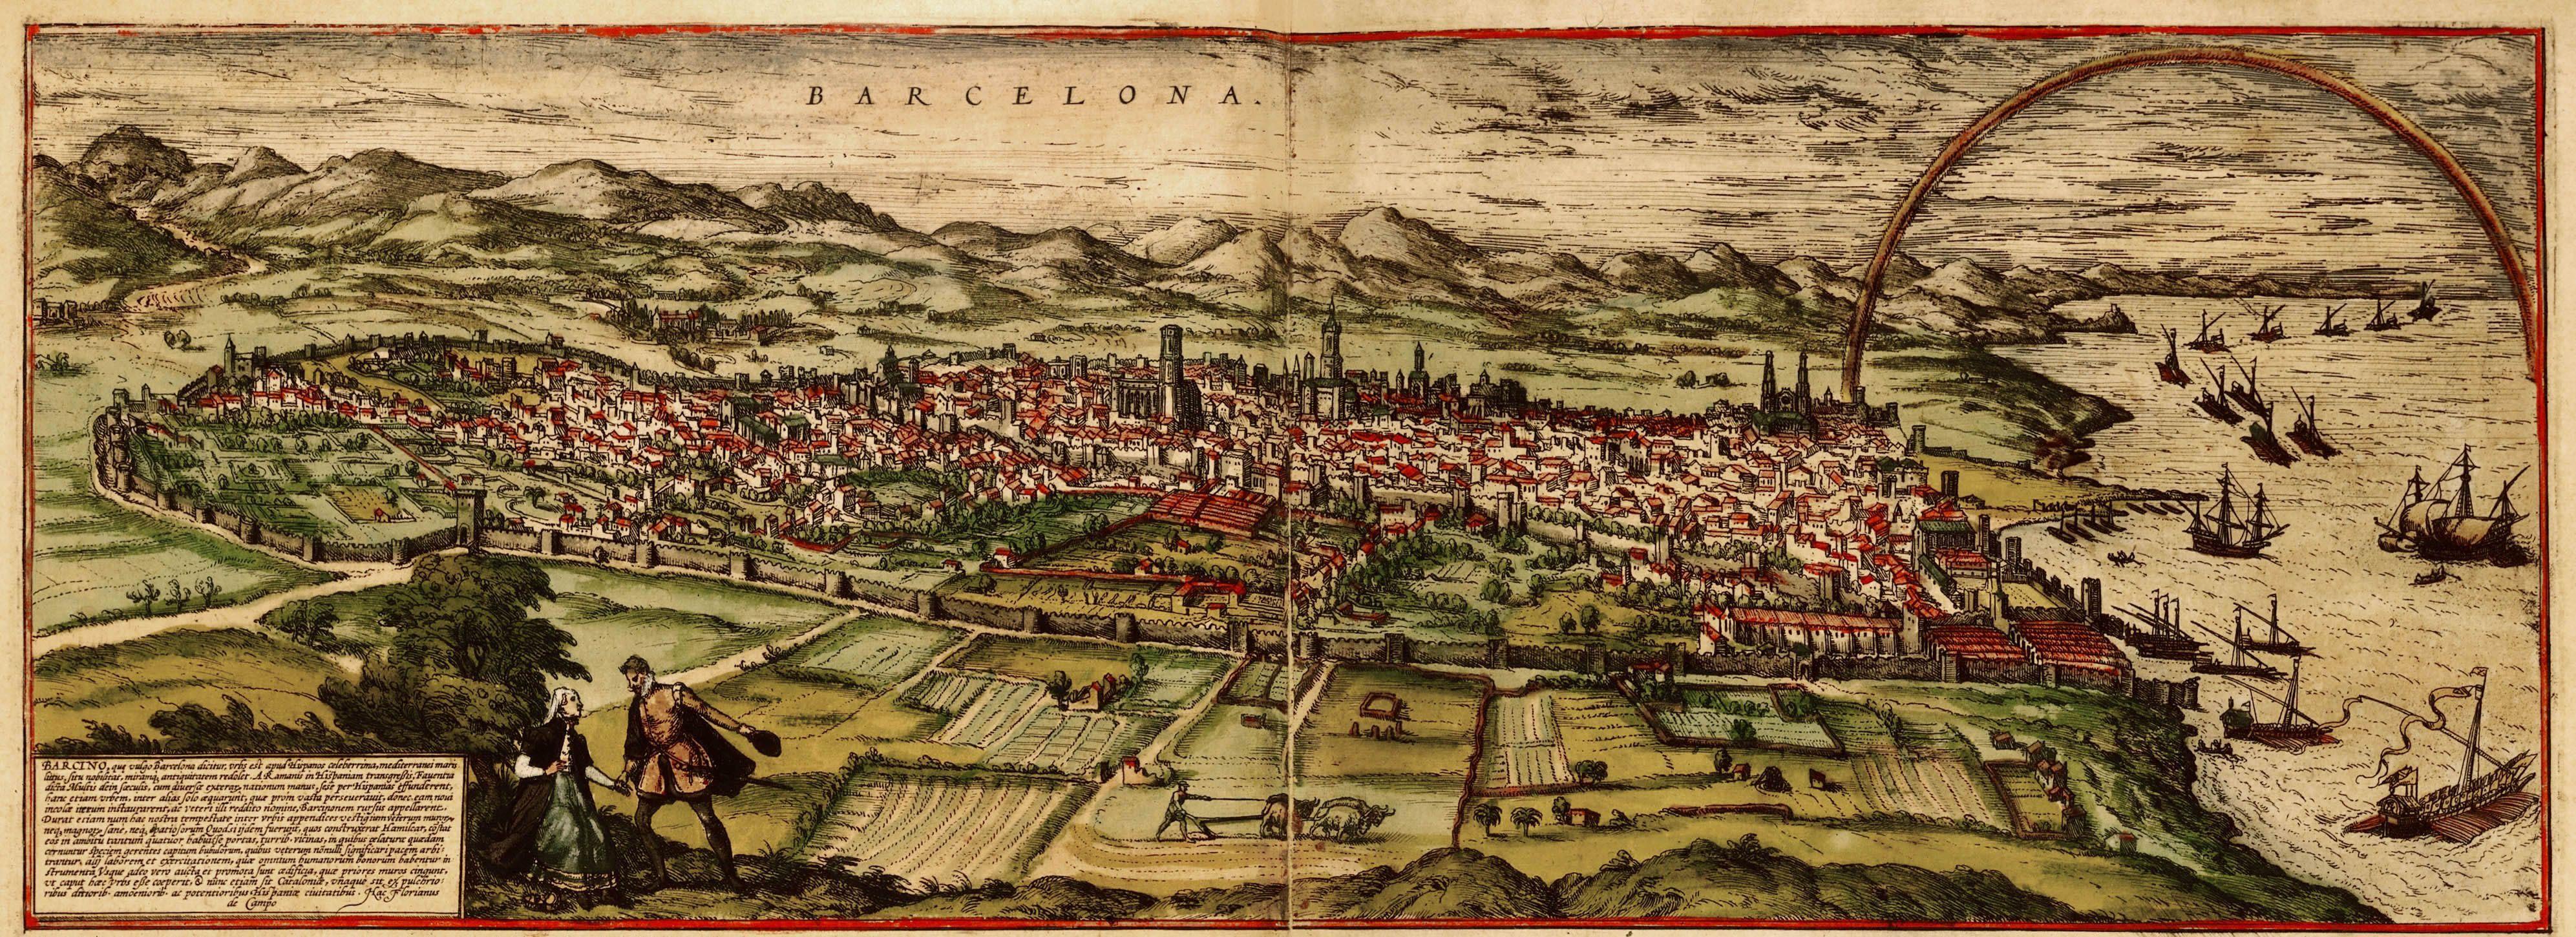 Batalla de Montjuic. Barcelona des del cim de la muntanya. Gravat de finals del segle XVI